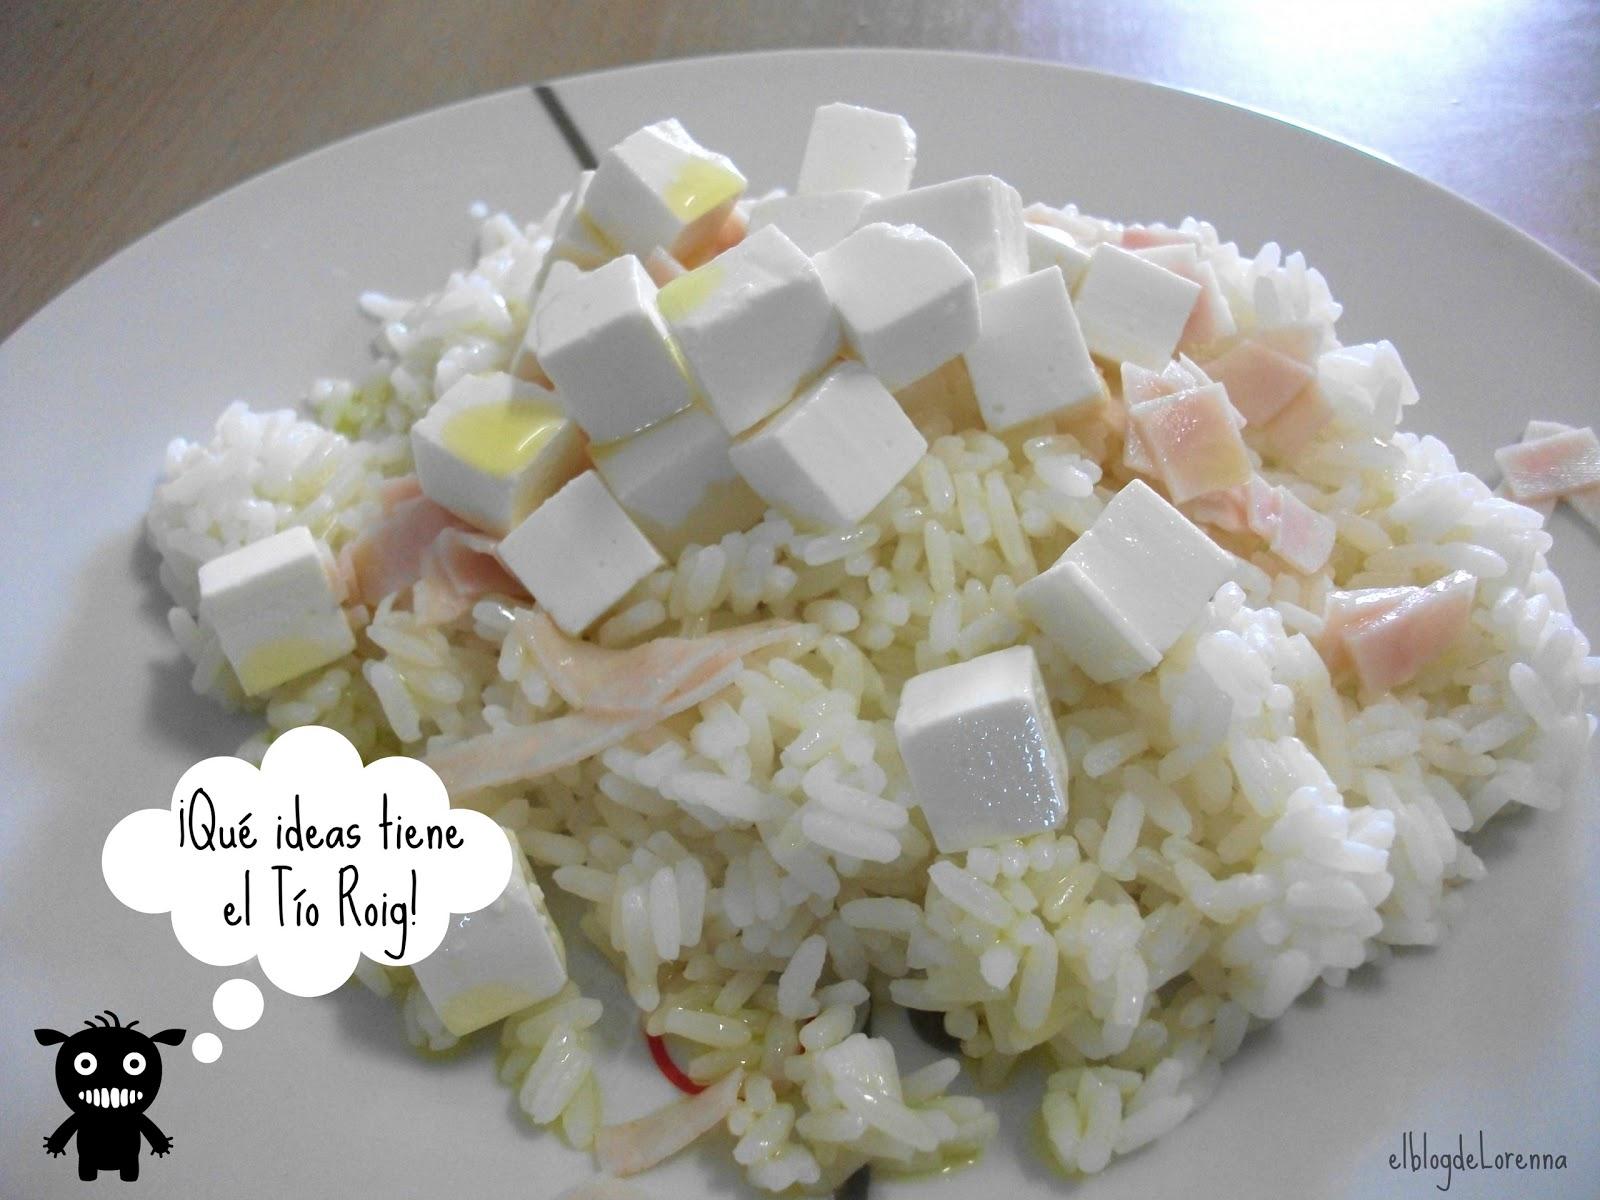 El blog de Lorenna: Comida rápida: arroz en 3 minutos